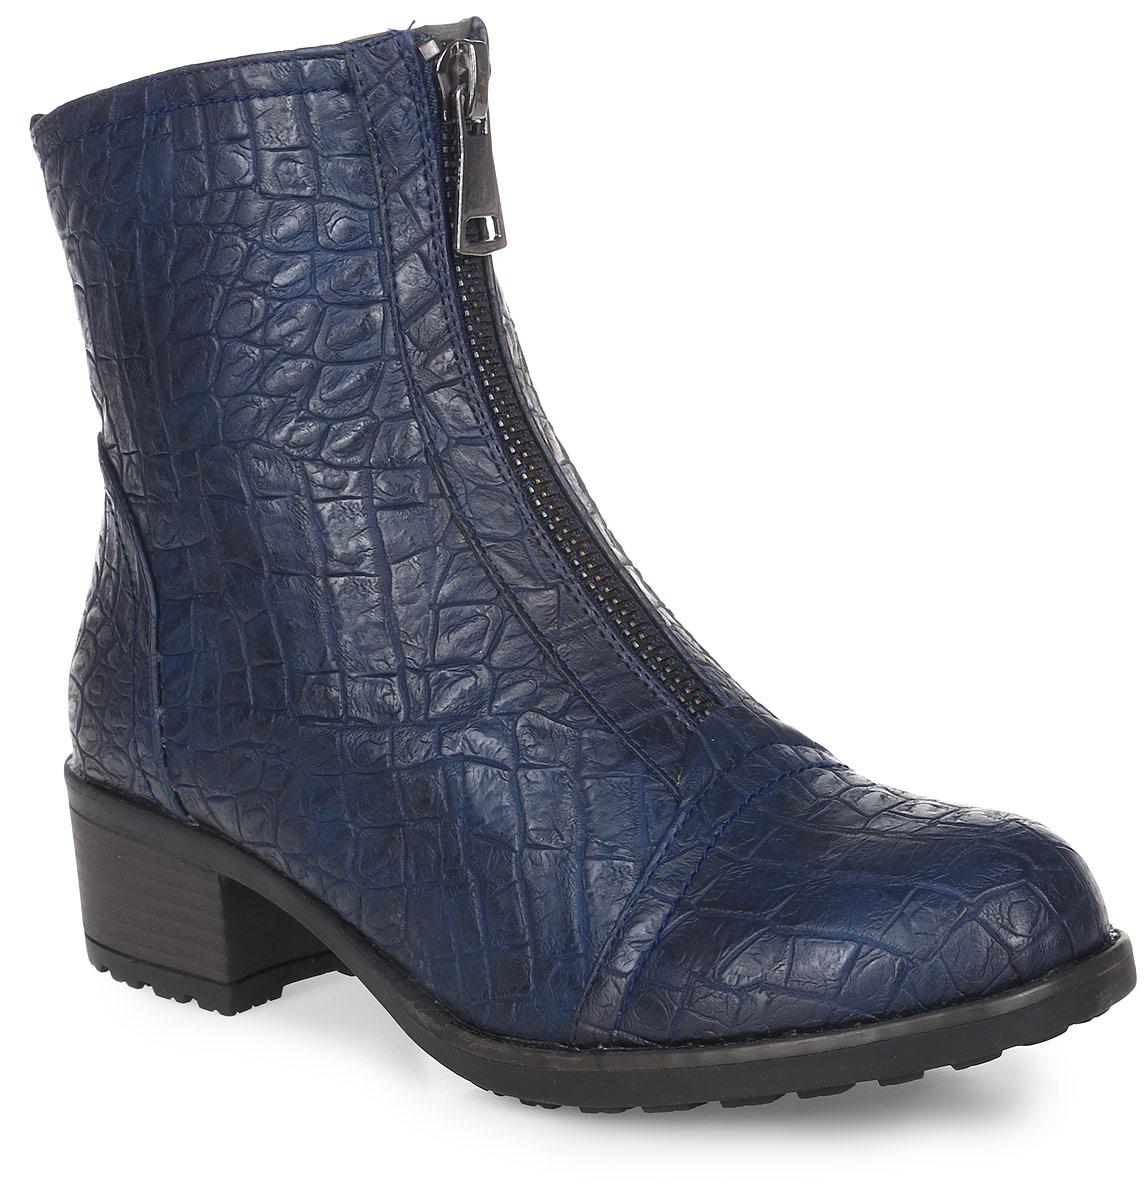 Ботинки женские Avenir, цвет: темно-синий. 2323-VI62109T. Размер 382323-VI62109TМодные ботинки от Avenir займут достойное место в вашем гардеробе. Модель выполнена из искусственной кожи и декорирована перфорацией. Ботинки застегиваются спереди на застежку-молнию. Мягкая подкладка и стелька из байки сохраняют тепло, обеспечивая максимальный комфорт при движении. Рифленая поверхность каблука и подошвы защищает изделие от скольжения. Модные ботинки - незаменимая вещь в гардеробе любой женщины.